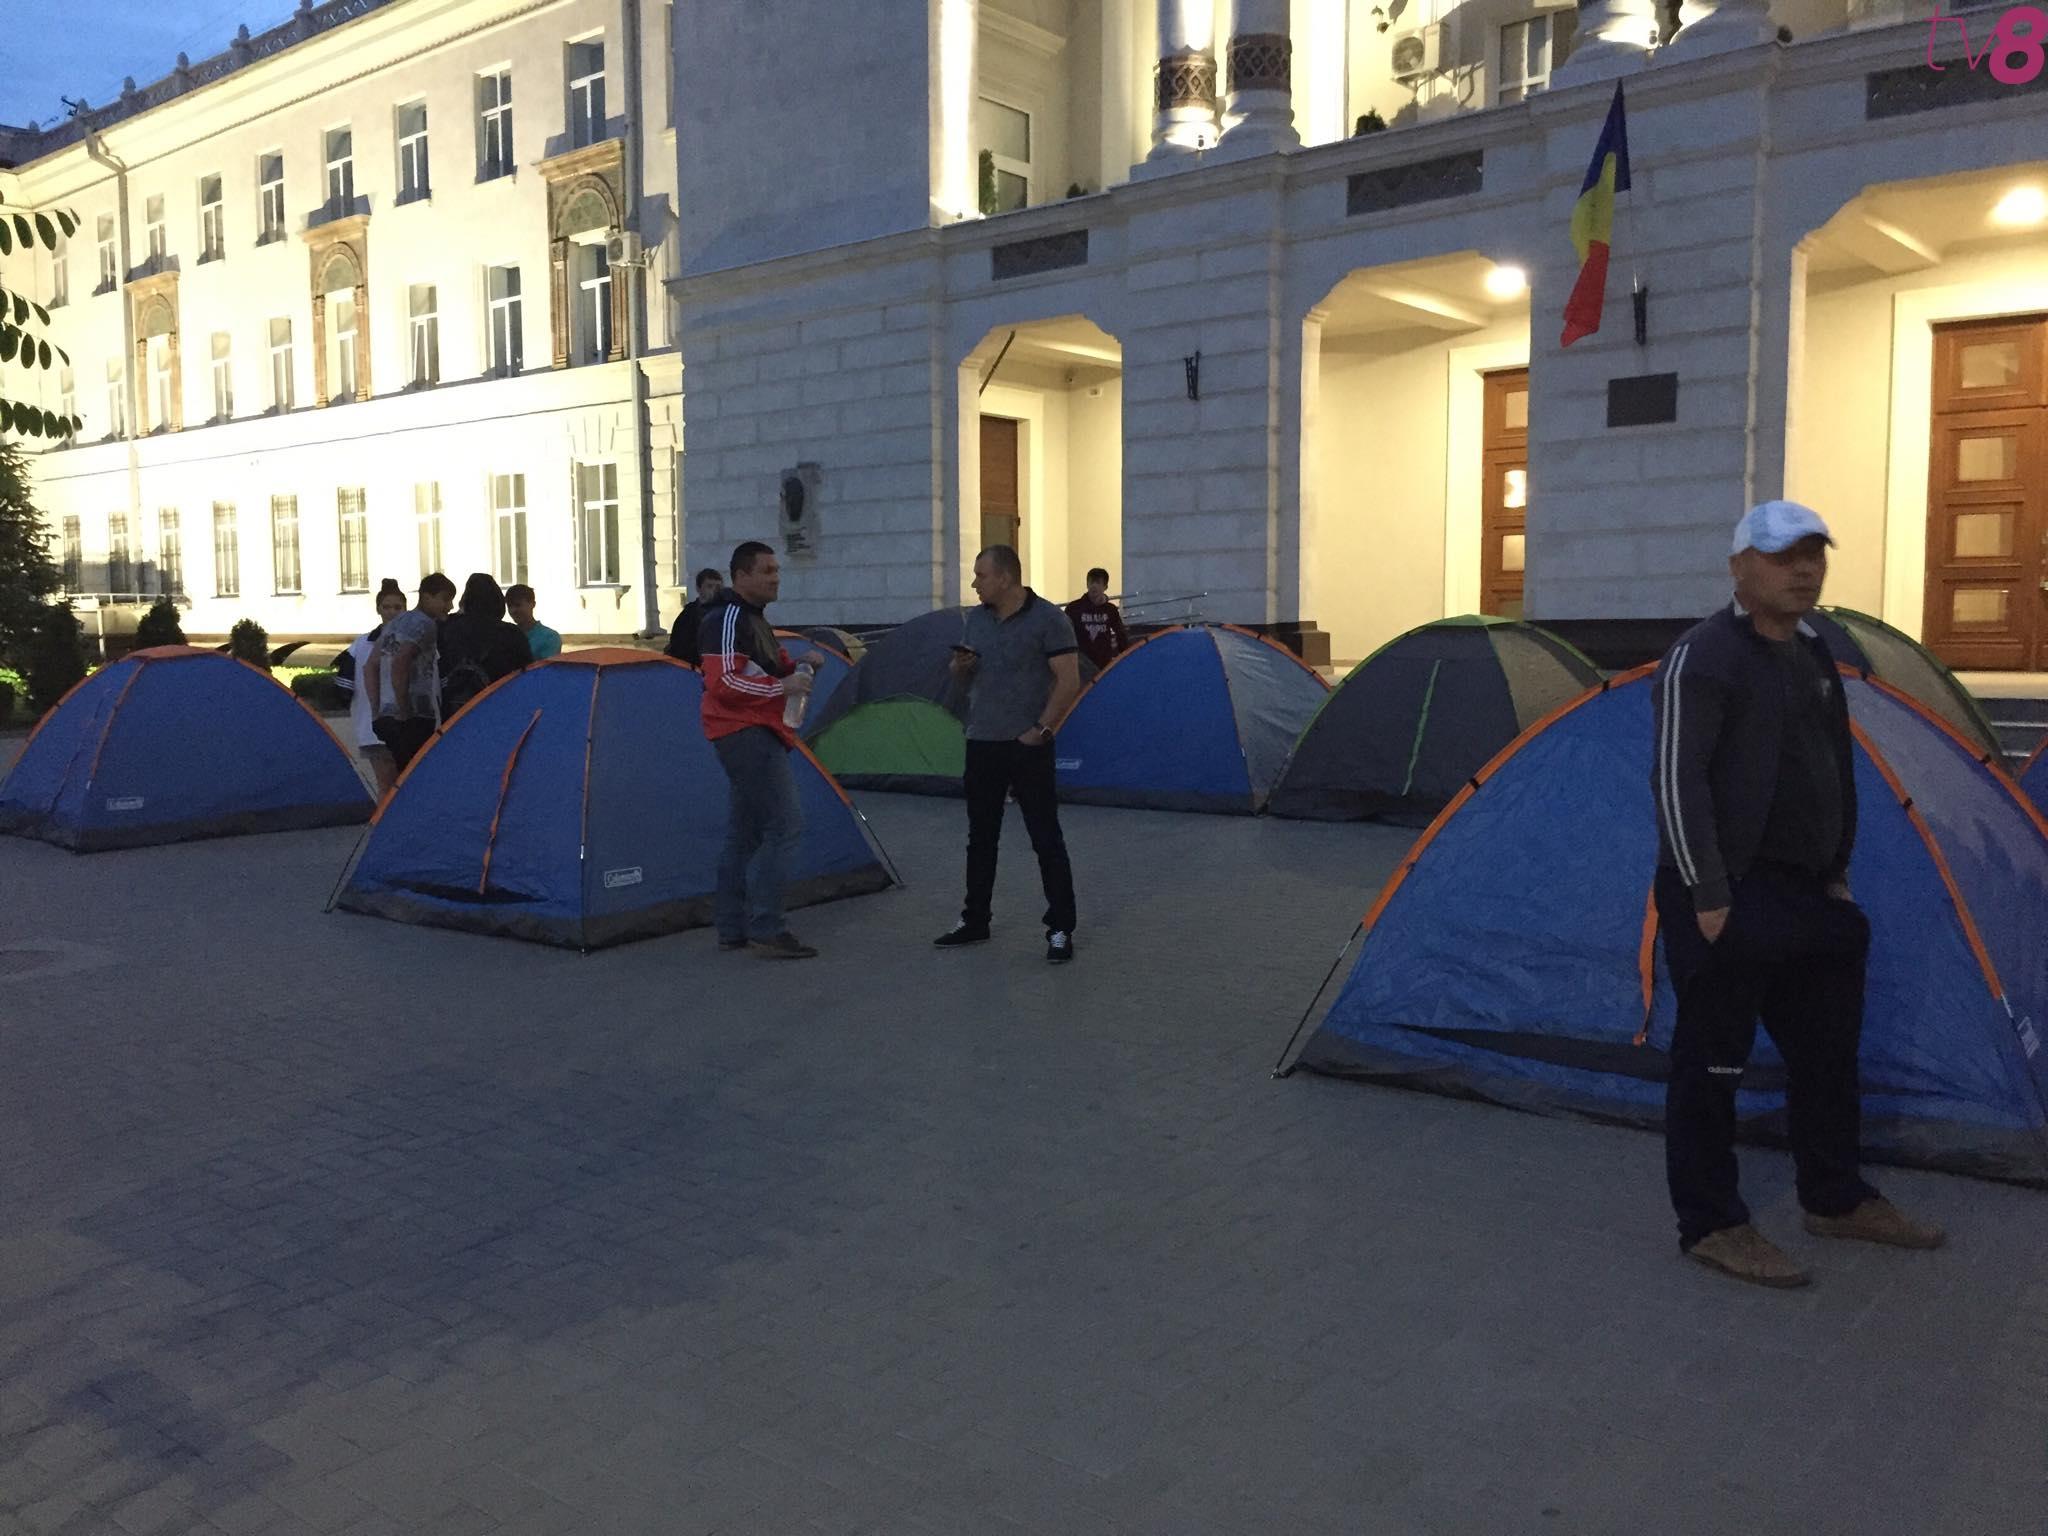 Десятки людей установили палатки перед Генеральной прокуратурой! Среди них был бы бывший депутат Цуцу